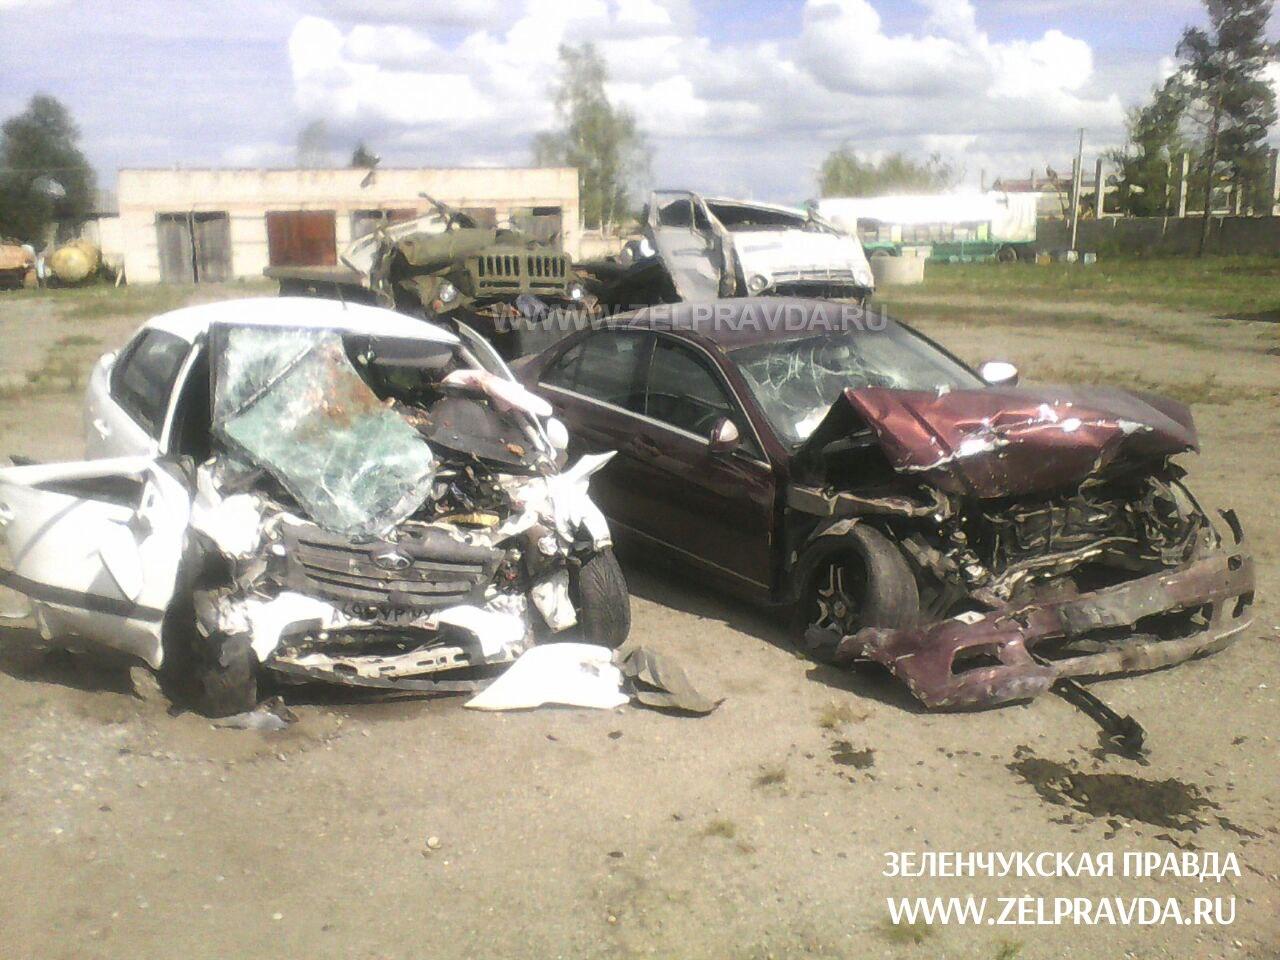 В Зеленчукском районе погибли жители станицы Преградной